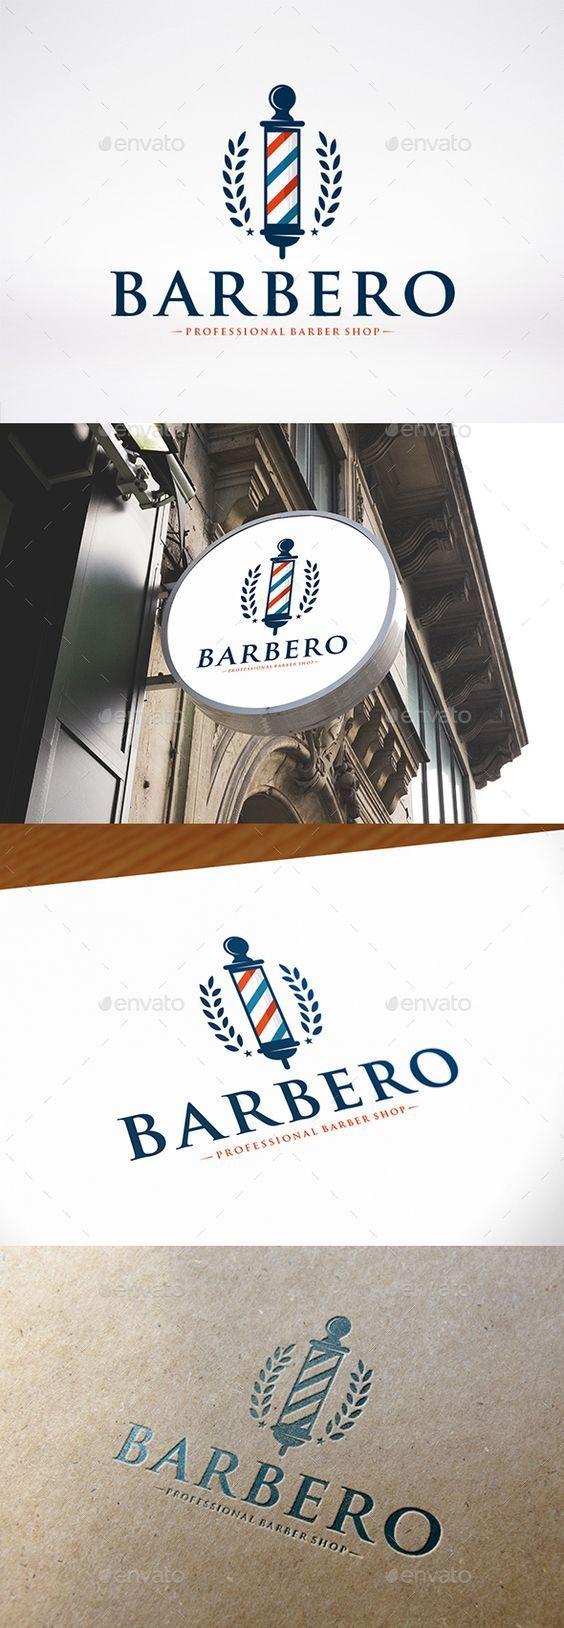 Barber Shop Logo Template #design #logotype Download: http://graphicriver.net/item/barber-shop-logo-template/13349350?ref=ksioks: